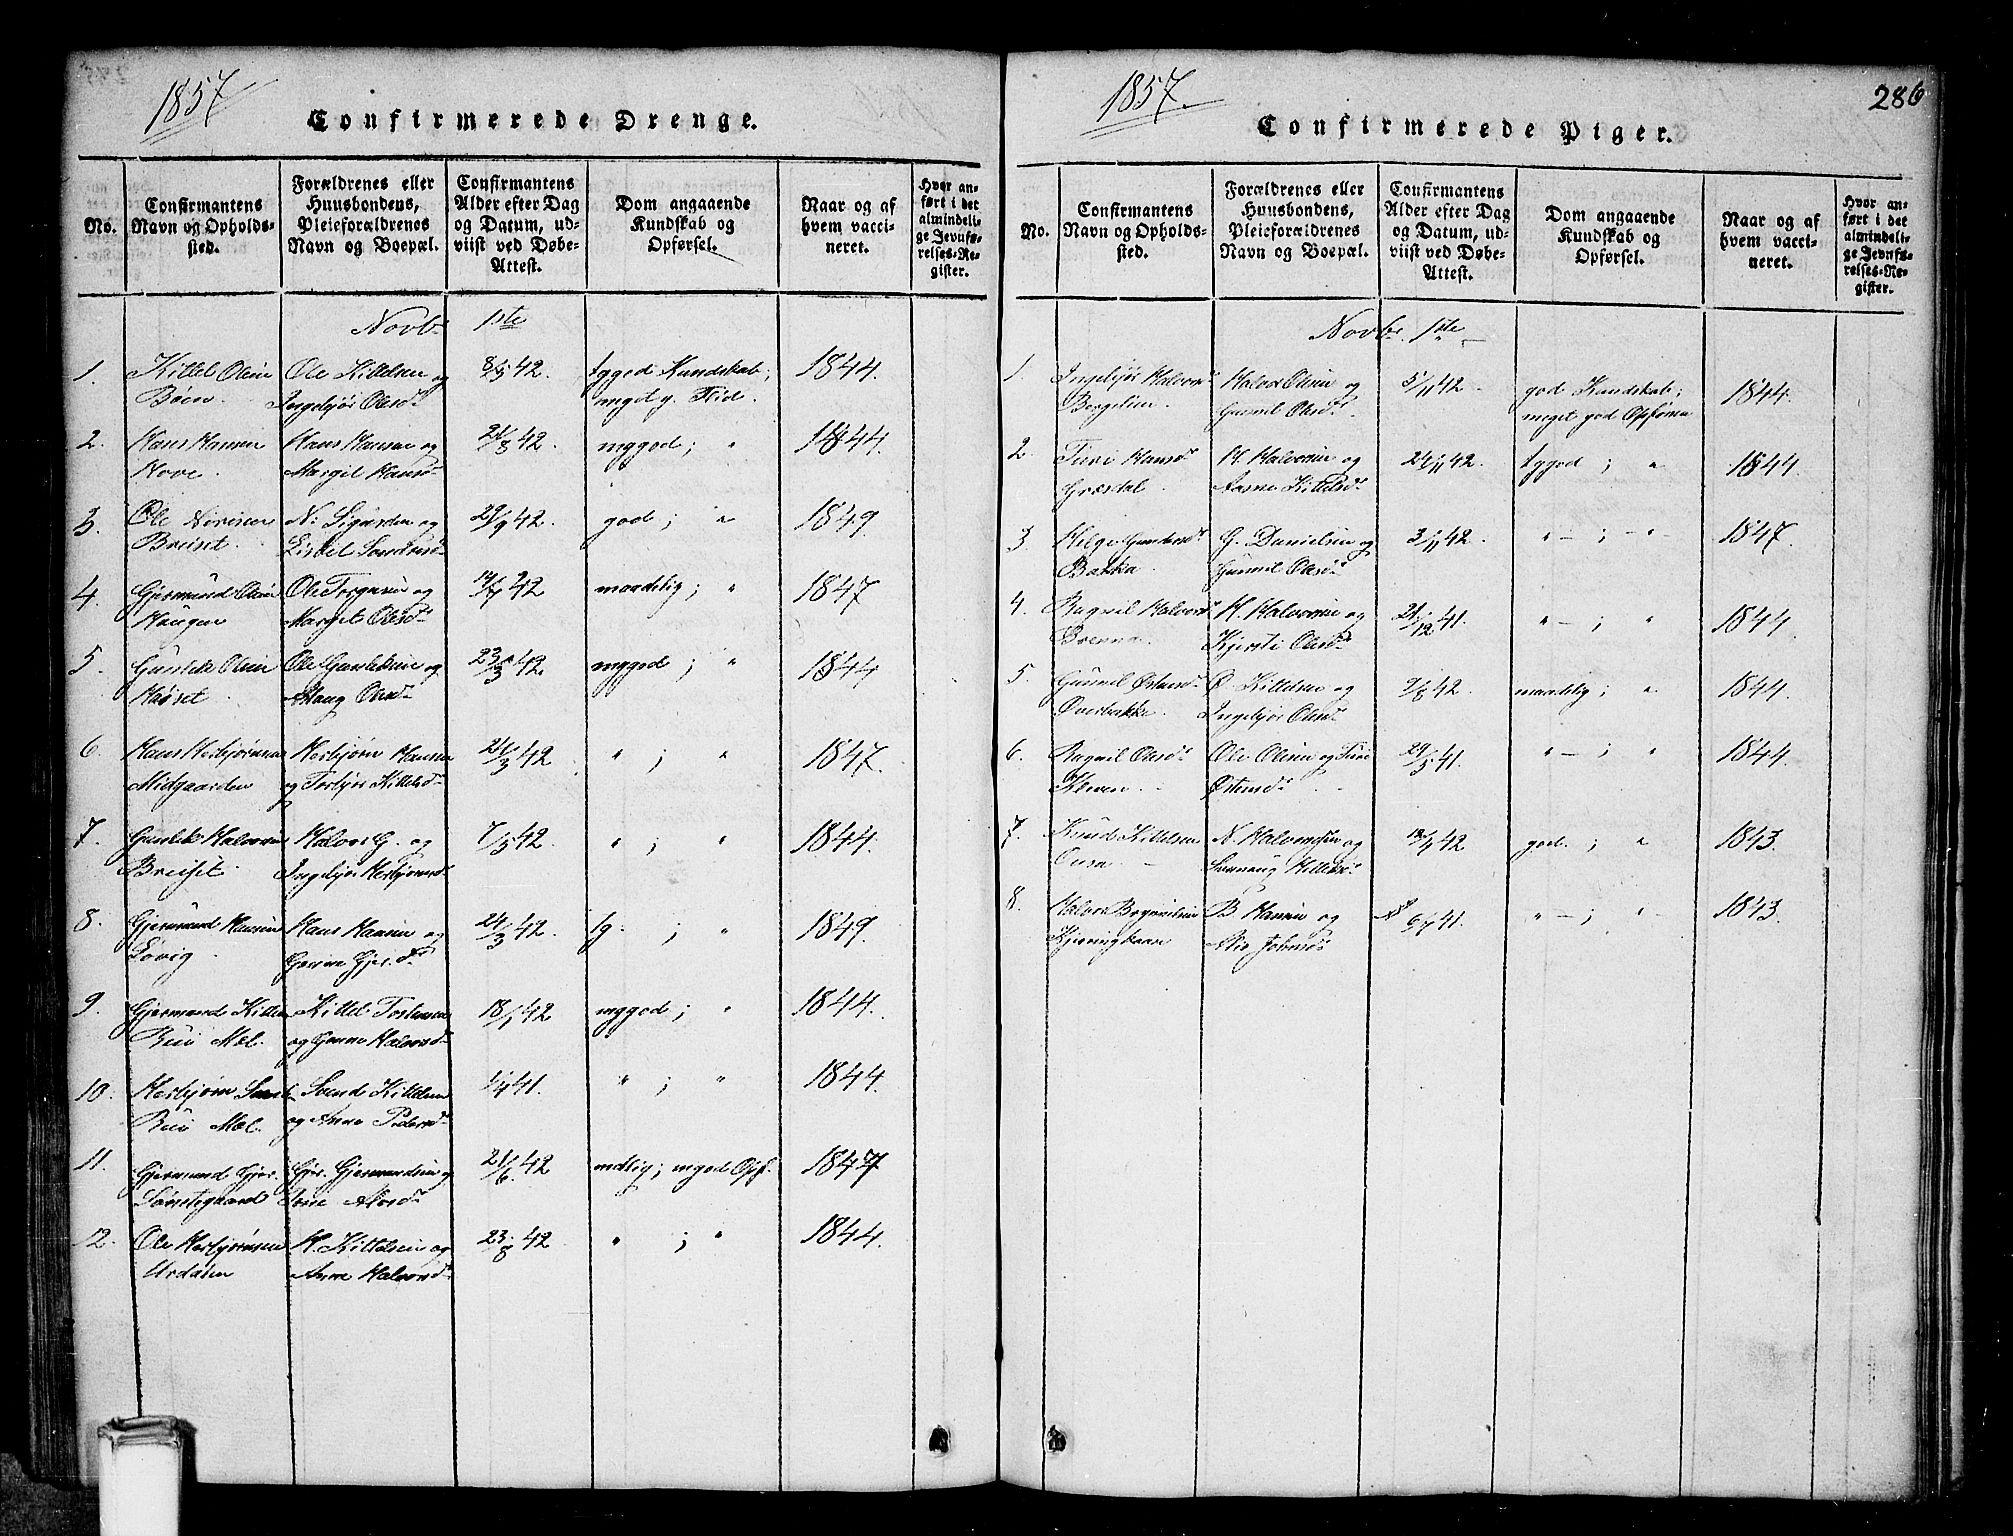 SAKO, Gransherad kirkebøker, G/Gb/L0001: Klokkerbok nr. II 1, 1815-1860, s. 286